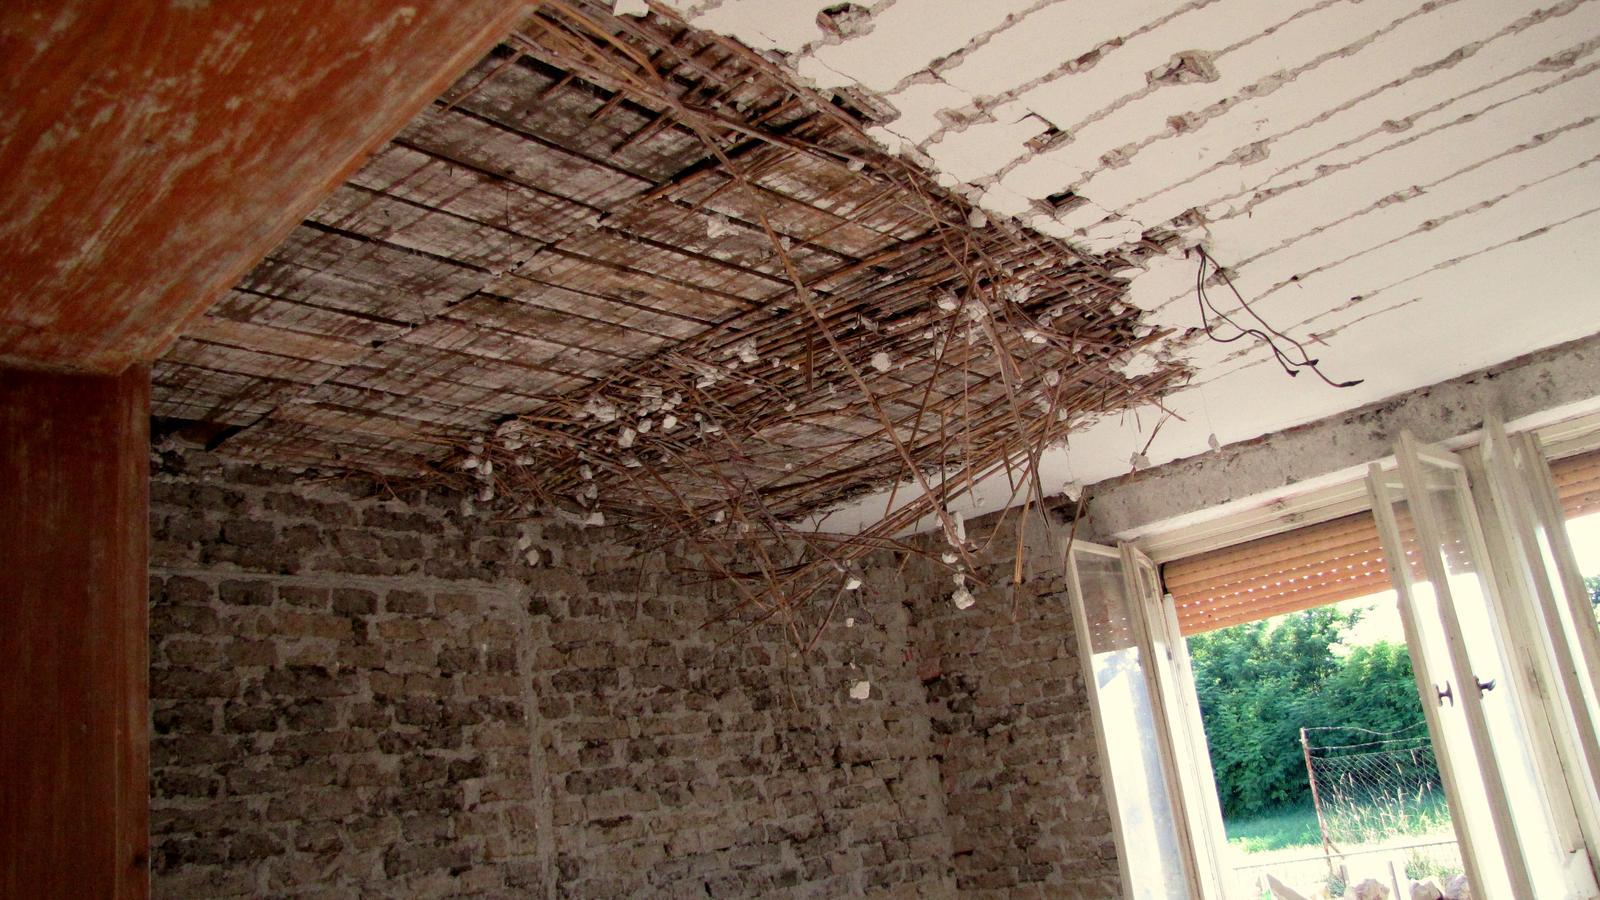 Rekonštrukcia starého domčeka - Rákos skrýval poklad.